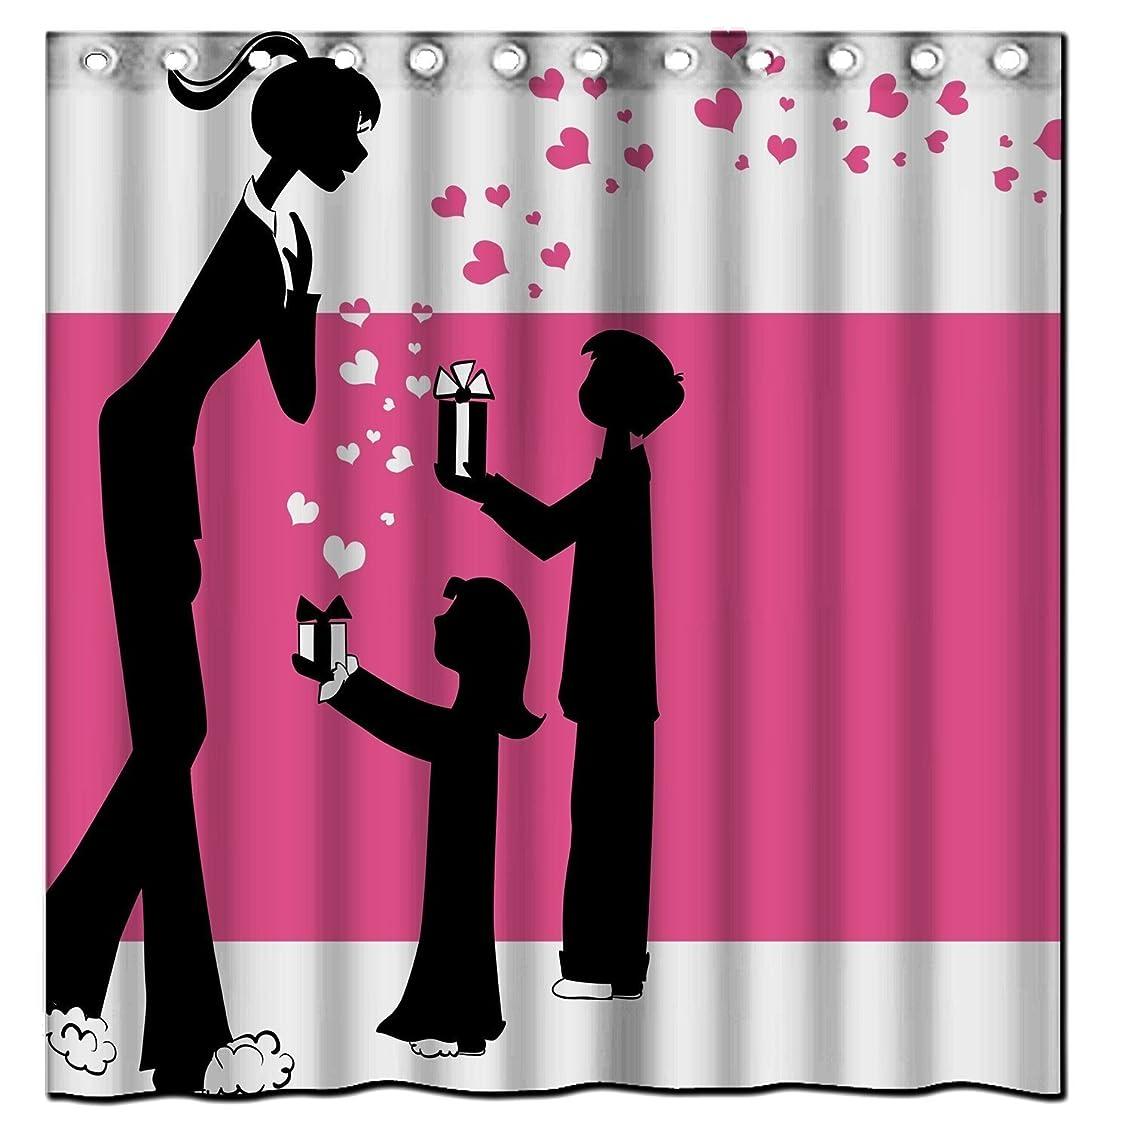 こどもの日カプラー隠母の日 プレゼント 防水 防カビ デザイン シャワーカーテン お風呂の窓用 目隠し洗面所 ユニットバス 間仕切り バスカーテン 取付簡単 180×180cm